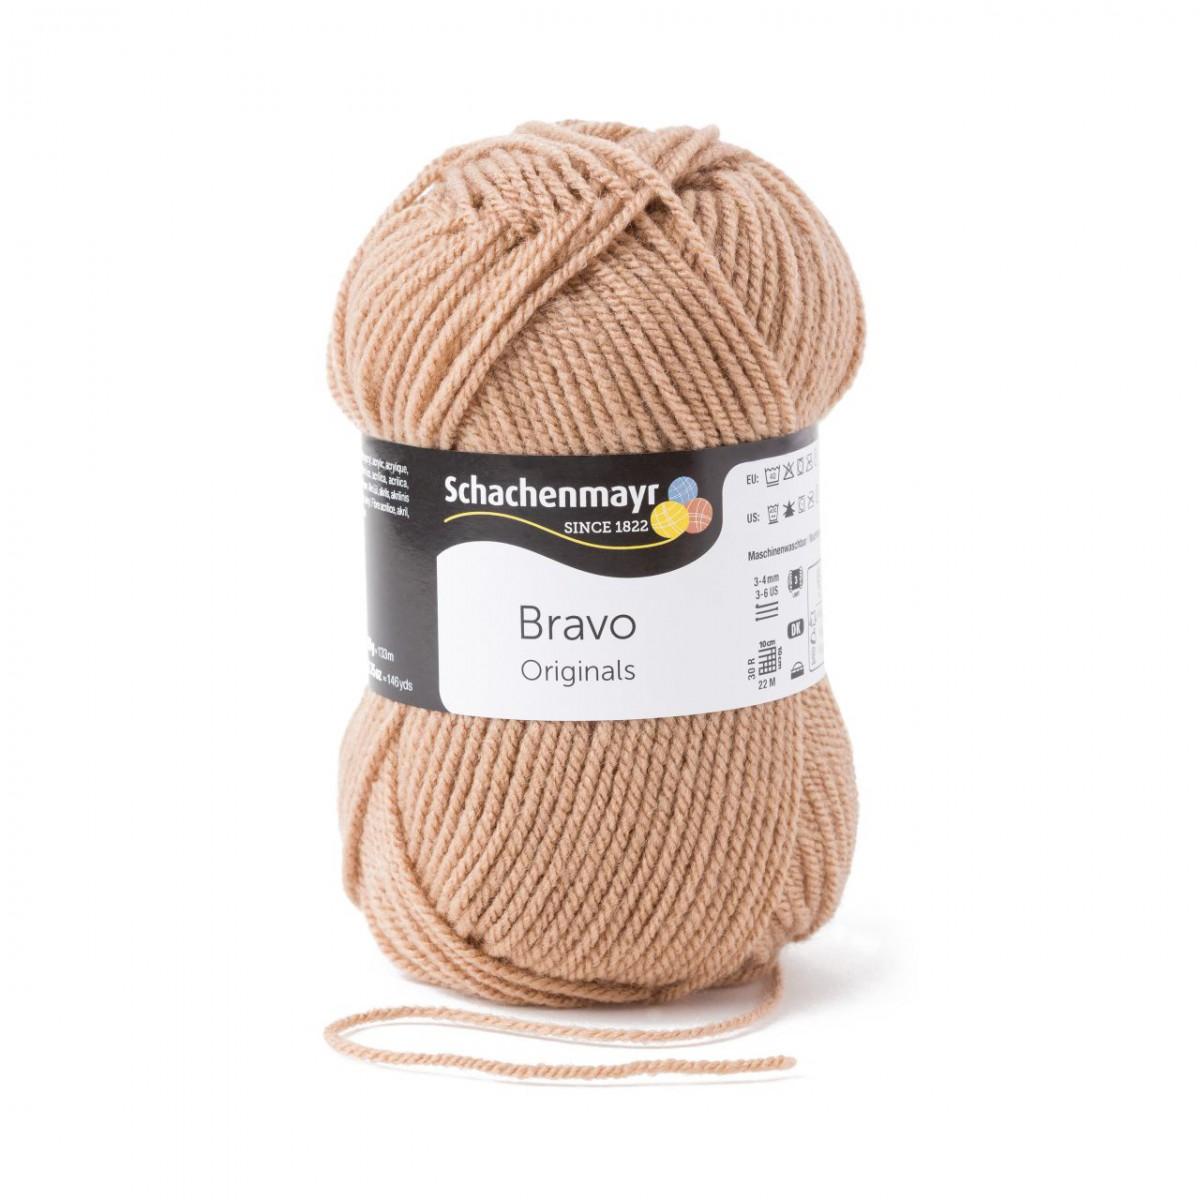 133 m Wolle BRAVO von Schachenmayr 08295 HELLGRAU MELIERT - 50 g // ca